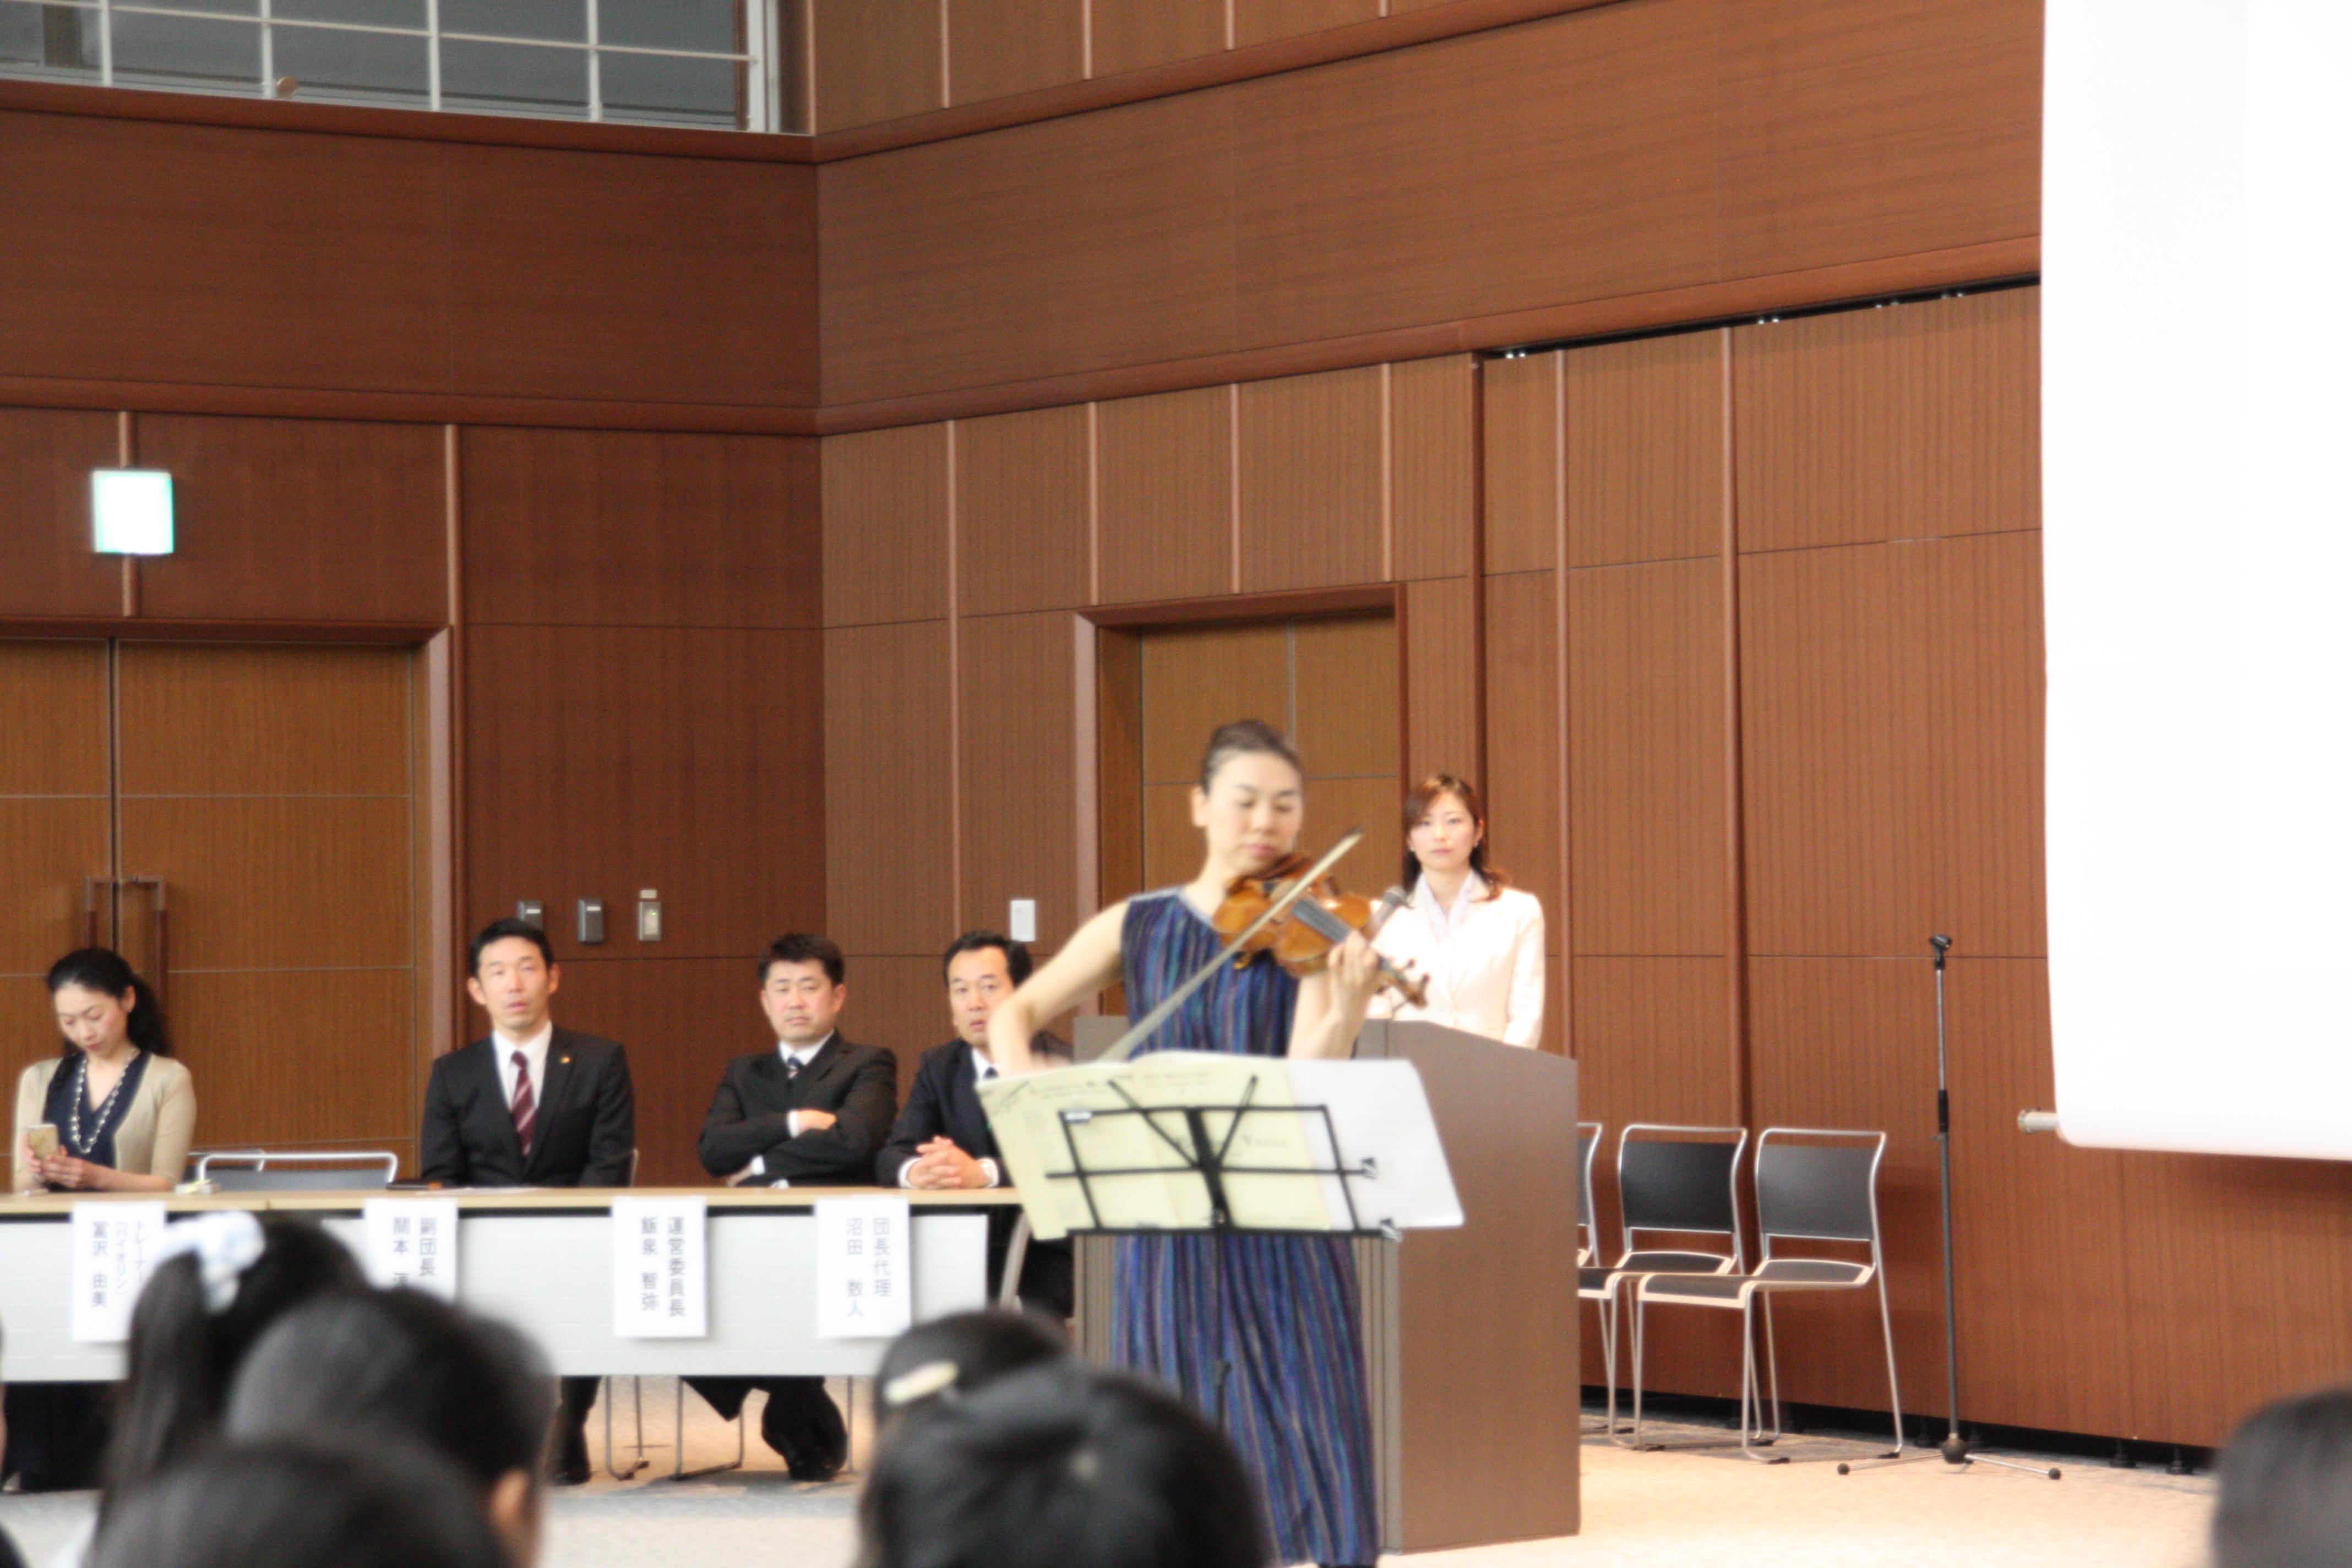 2017年3月26日筑波ジュニアオーケストラ入団式